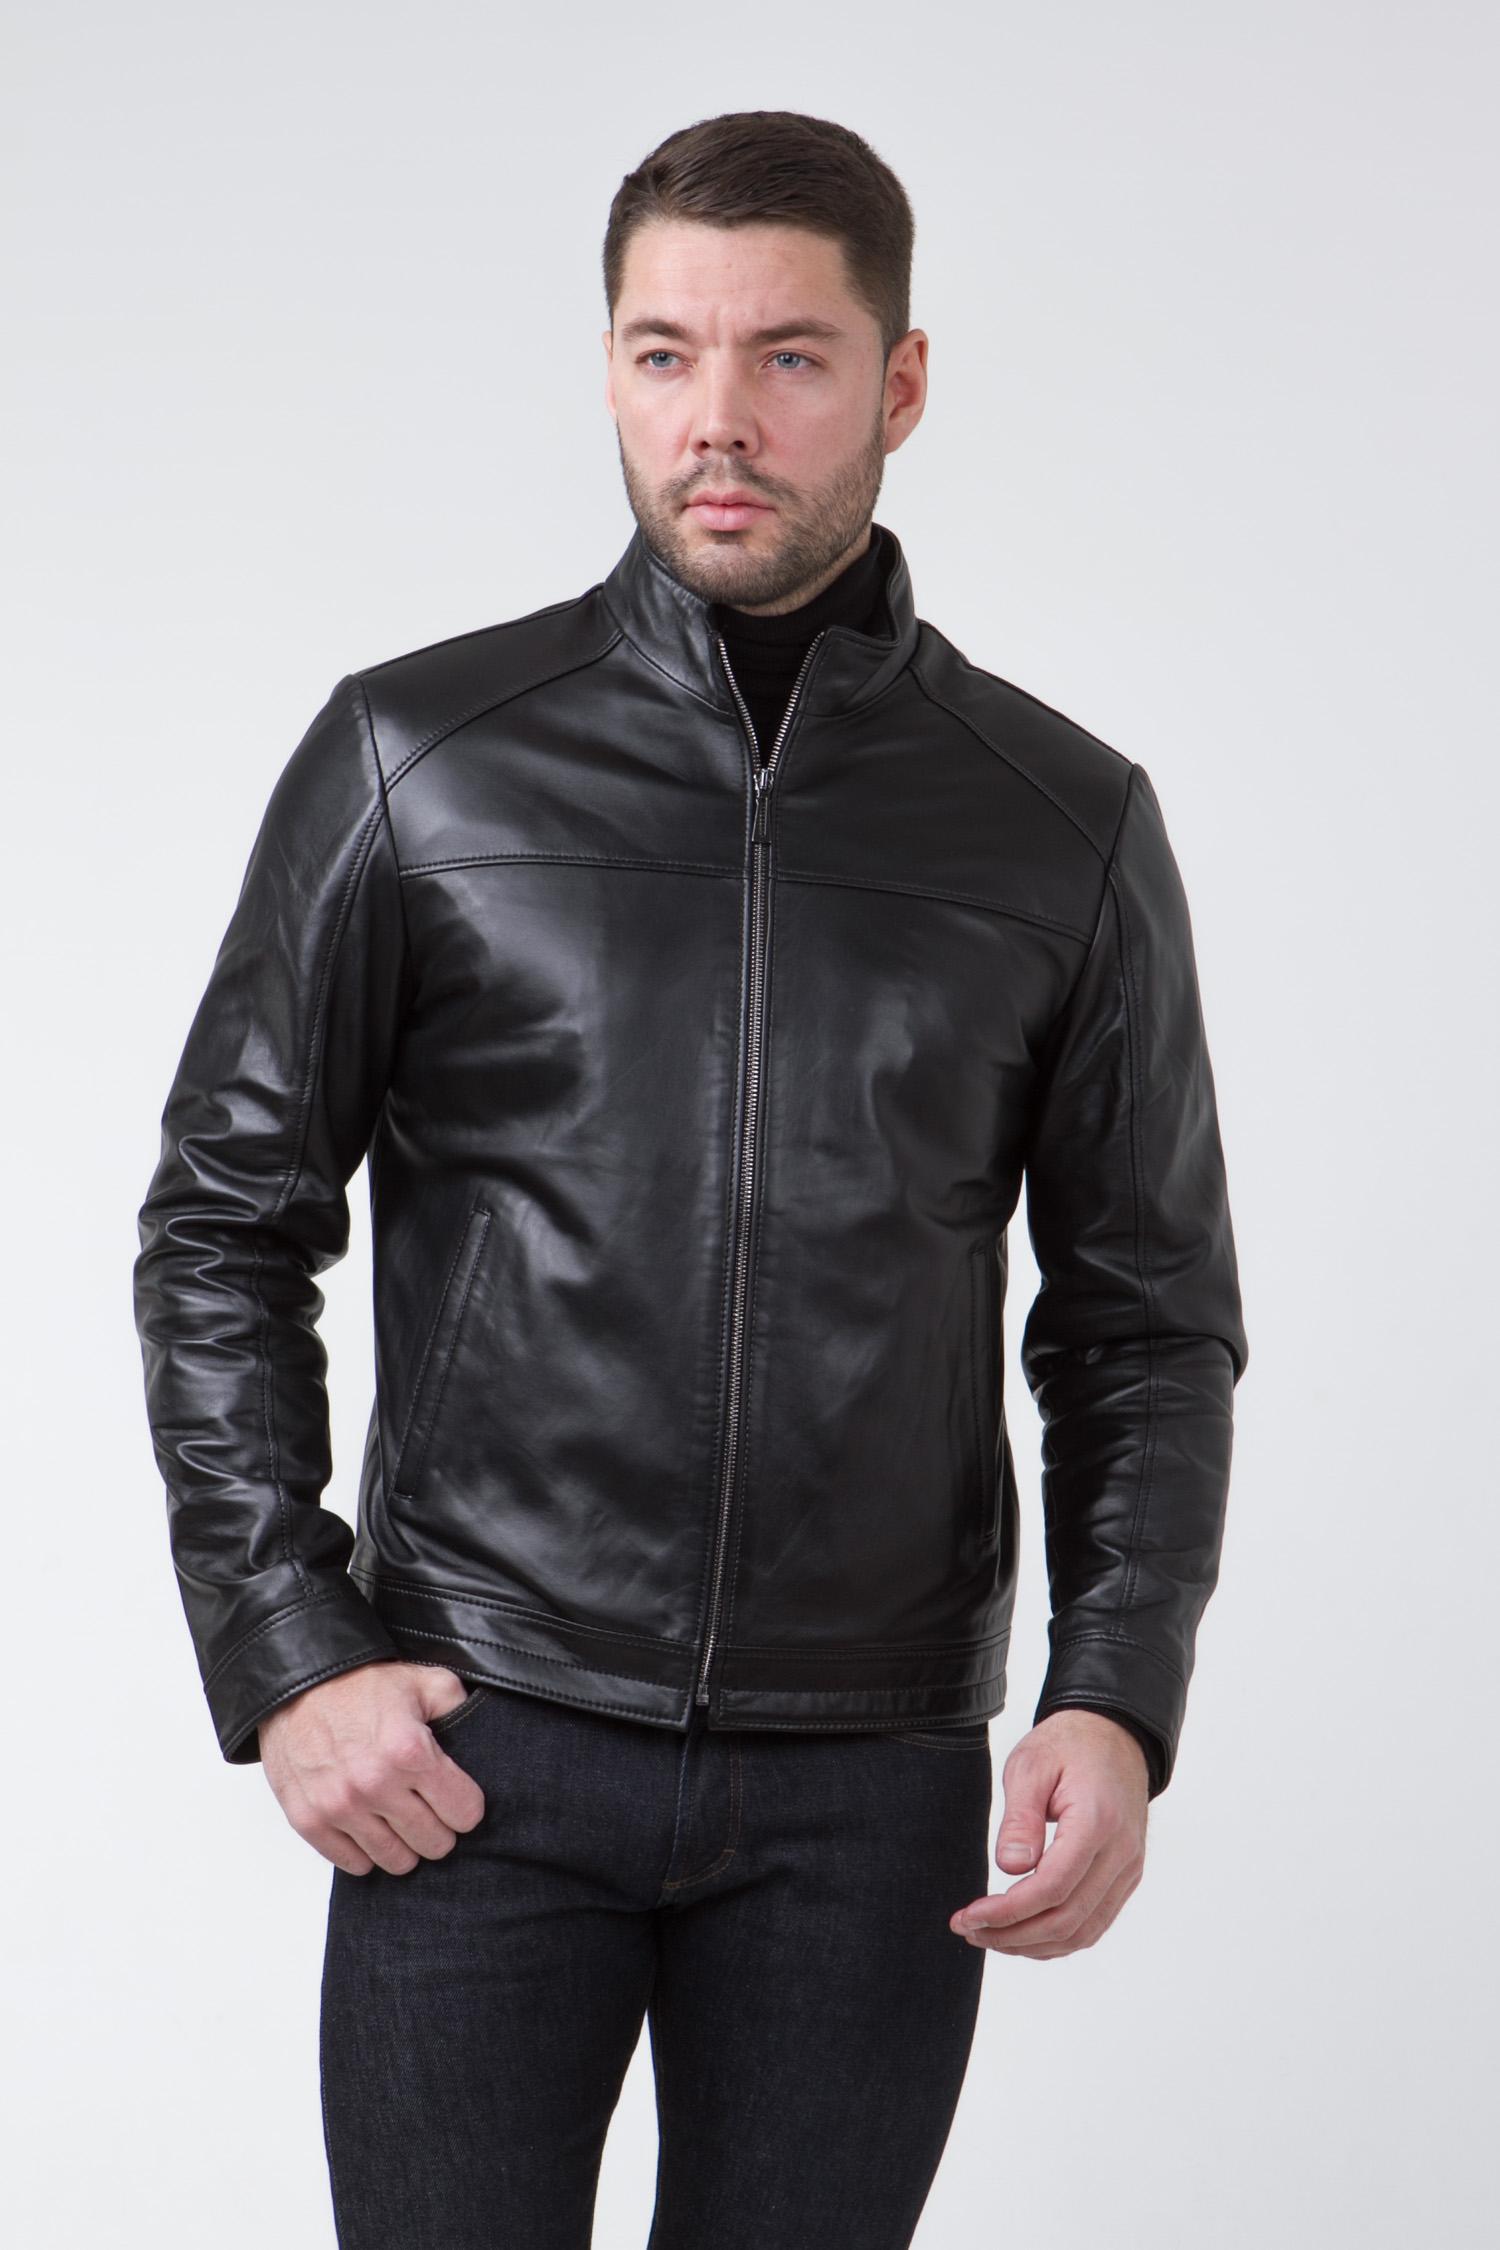 Мужская кожаная куртка из натуральной кожи с воротником, без отделки<br><br>Воротник: стойка<br>Длина см: Короткая (51-74 )<br>Материал: Кожа овчина<br>Цвет: черный<br>Вид застежки: центральная<br>Застежка: на молнии<br>Пол: Мужской<br>Размер RU: 50